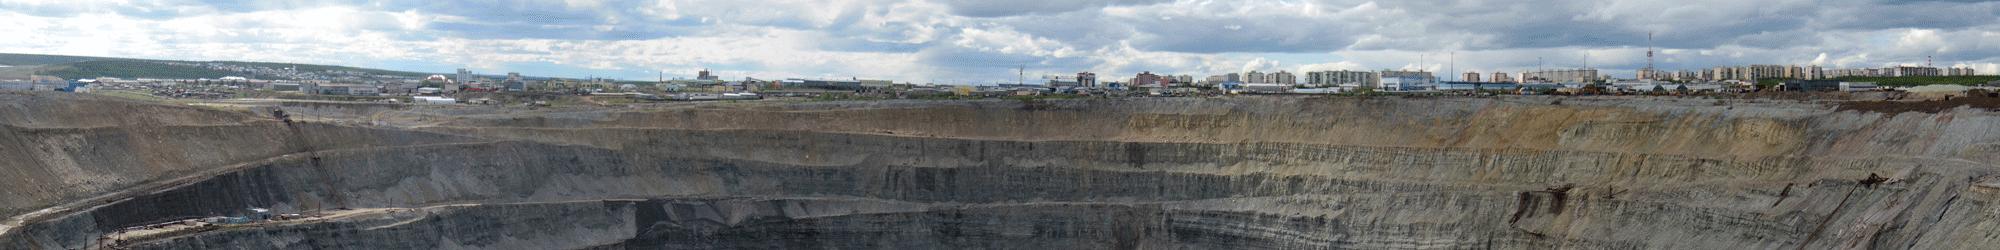 Mine in Yakutia